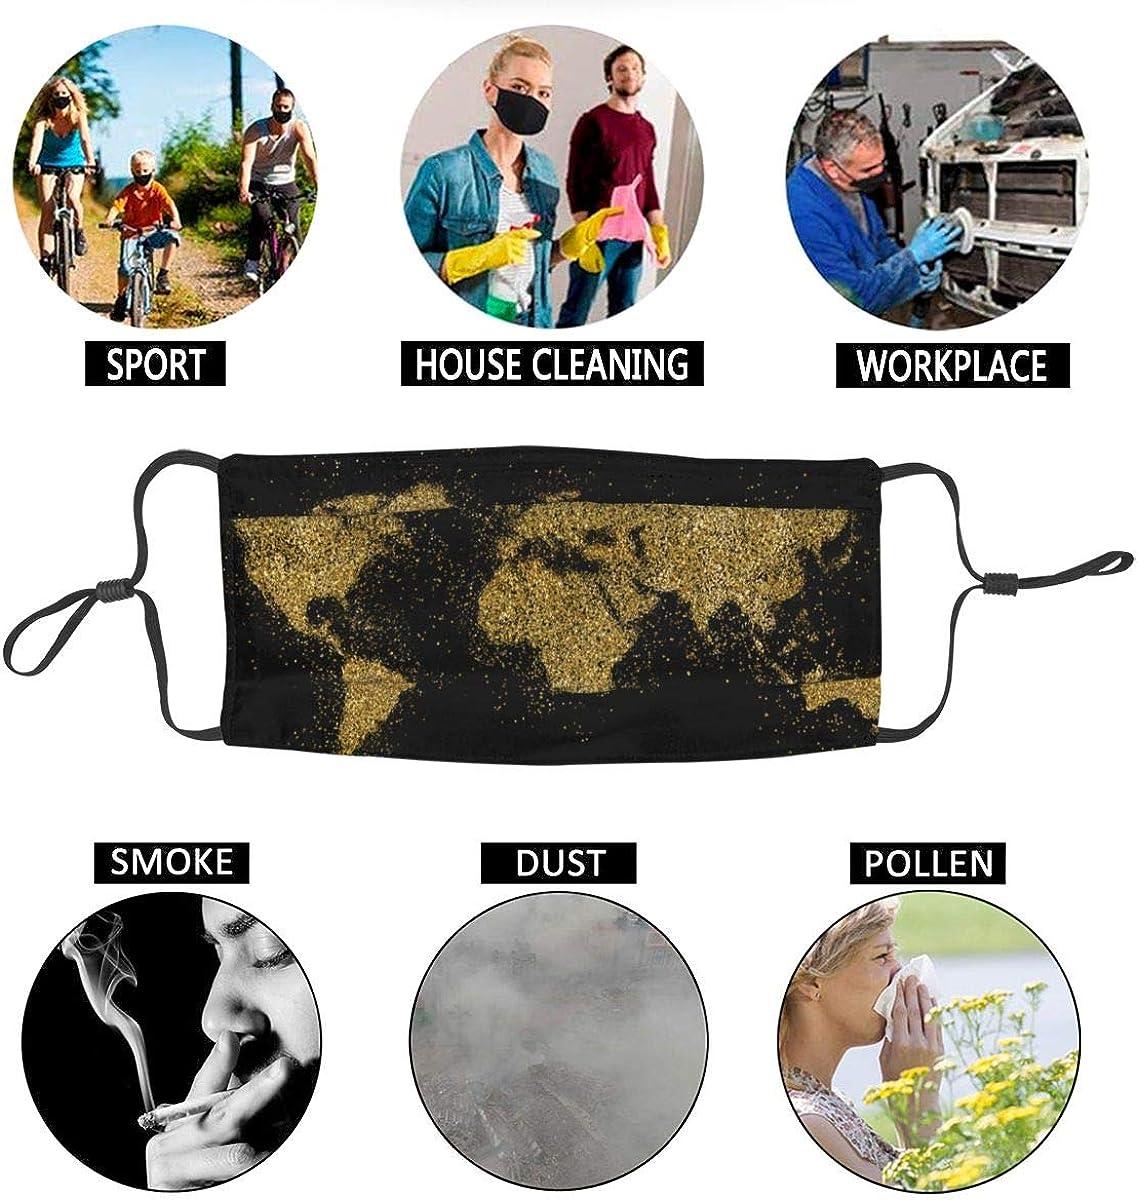 Waschbarer Mundschutz Anti-Staub-Gesichtsschutz,Weltf/örmiger goldener Glitzer auf Schwarz,Wiederverwendbar winddicht f/ür Outdoor-Ski Radfahren Camping Laufen